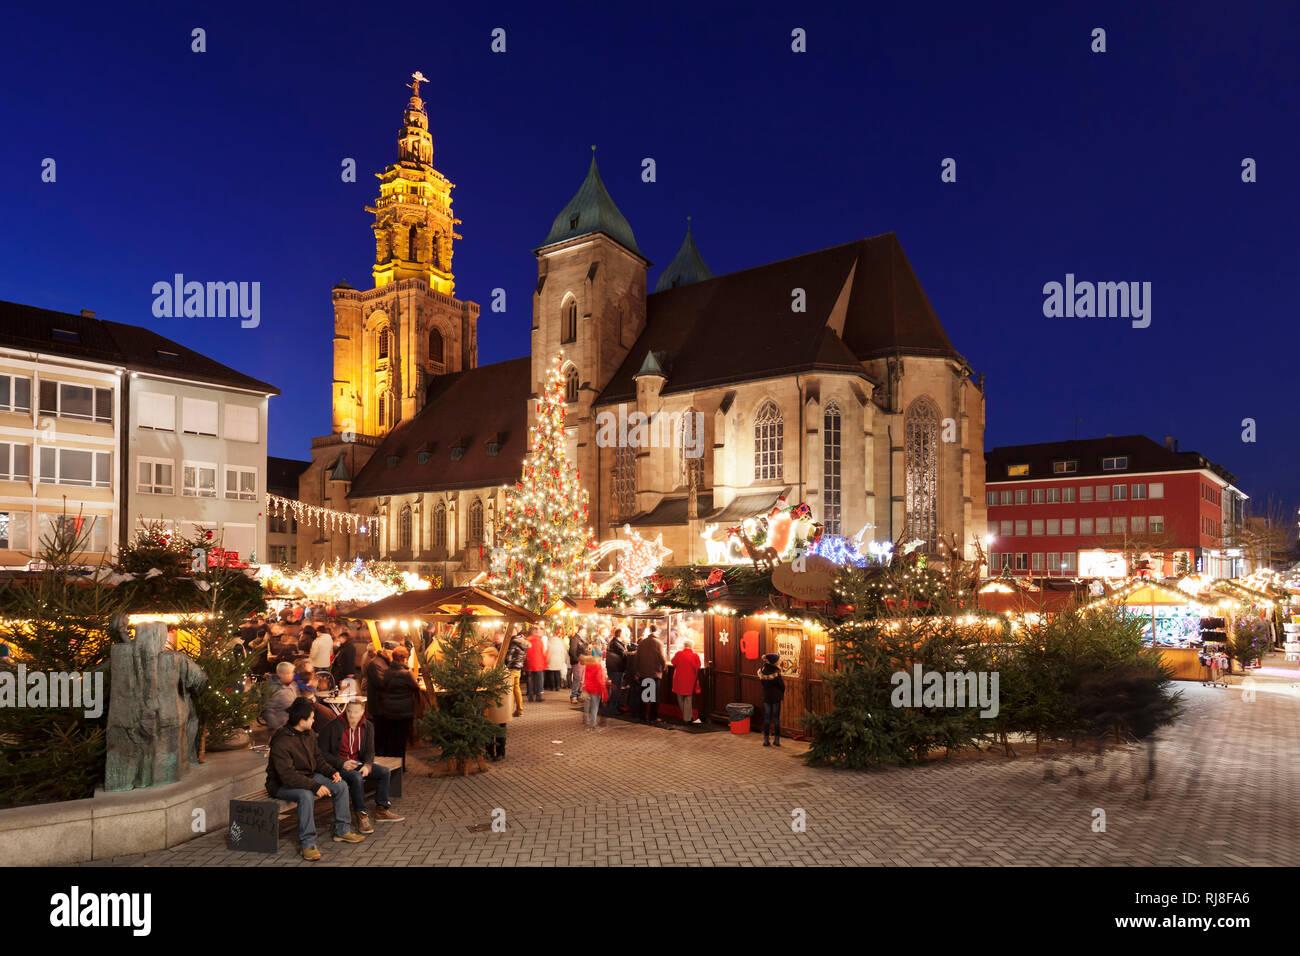 Weihnachtsmarkt Heilbronn.Weihnachtsmarkt Auf Dem Kiliansplatz Vor Der Kilianskirche